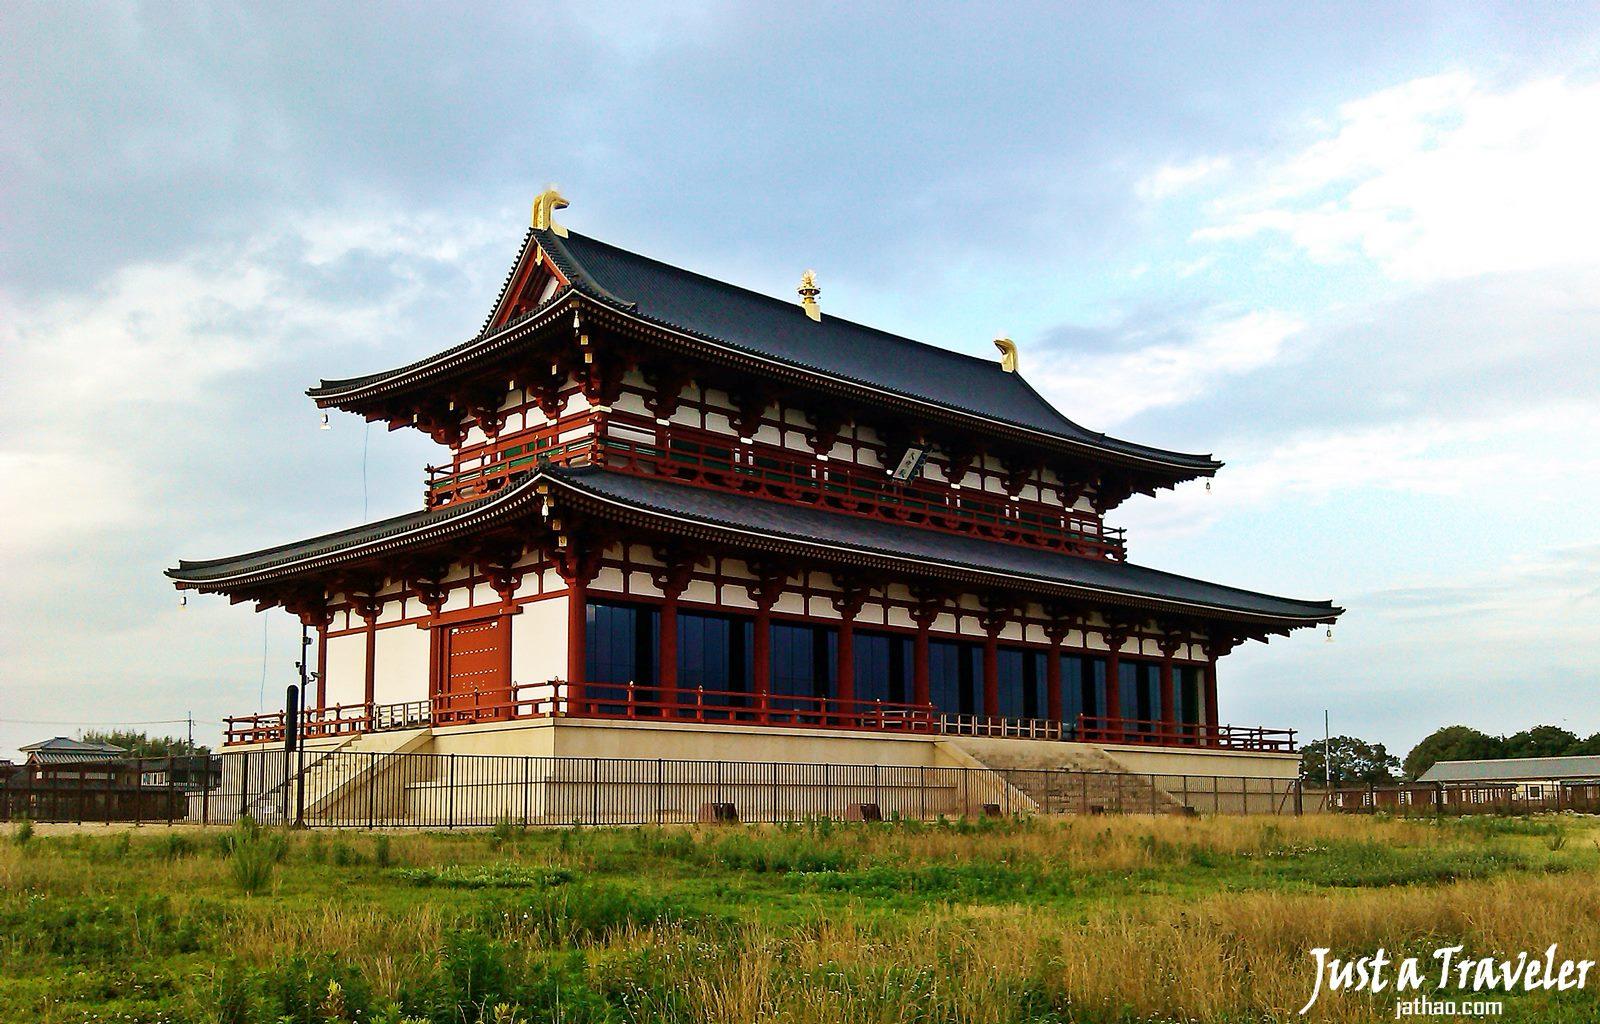 奈良-景點-推薦-平城宮跡-Heijo Palace-市區-自由行-必玩-必遊-必去-旅遊-觀光-日本-Nara-Tourist-Attraction